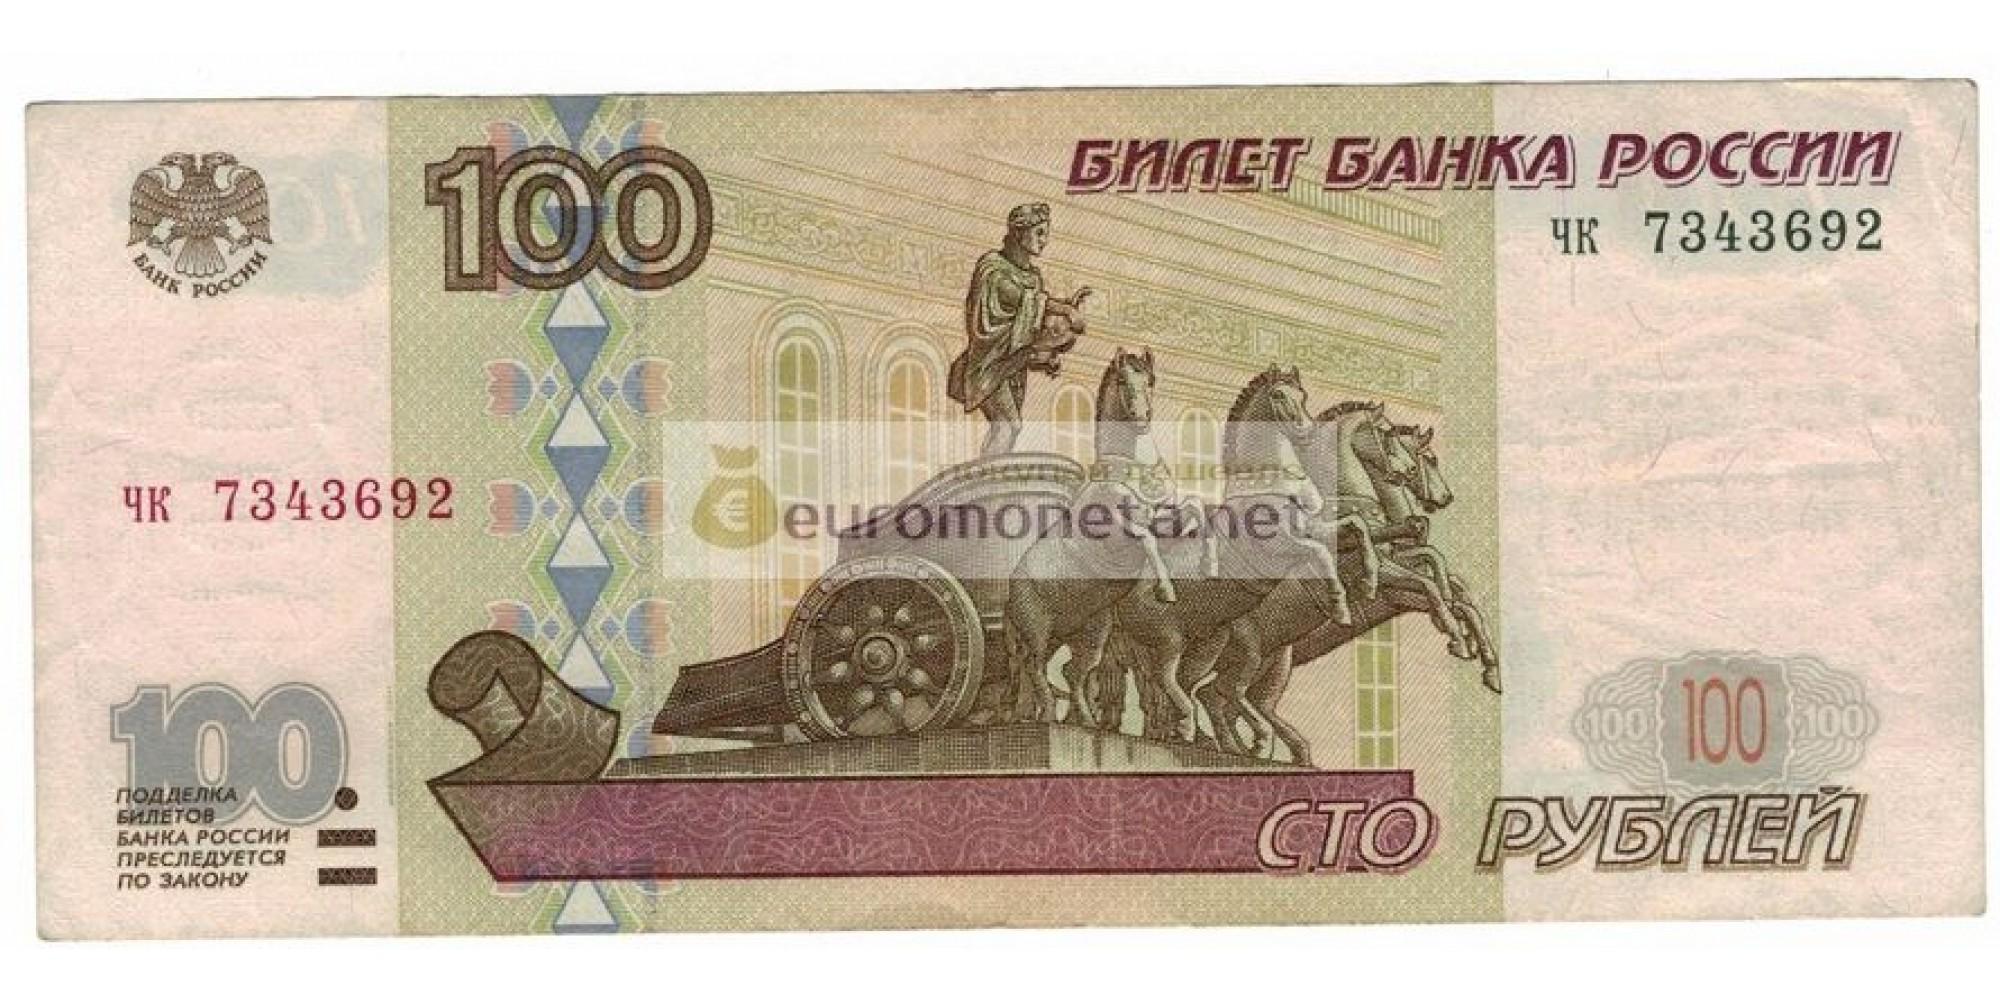 Россия 100 рублей 1997 год модификация 2001 год серия чк 7343692